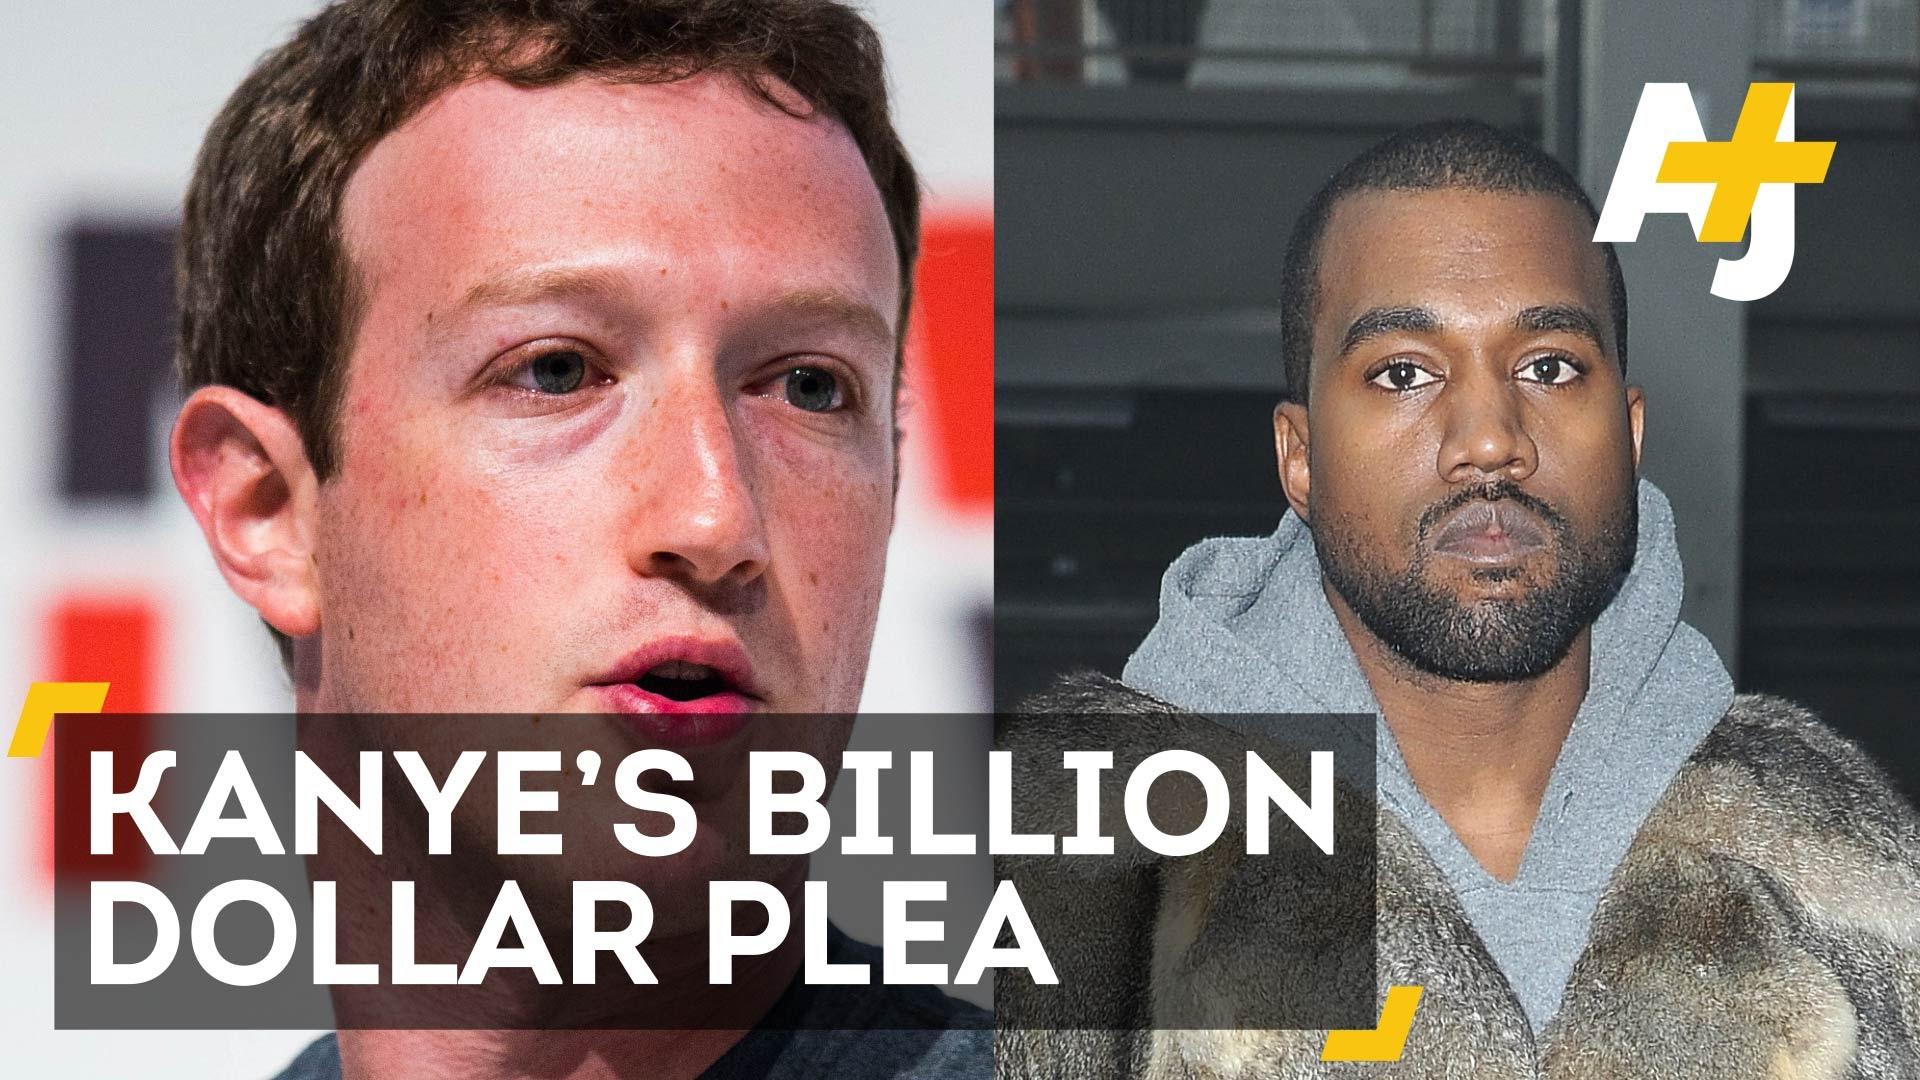 Kanye West Asks Mark Zuckerberg For $1 Billion